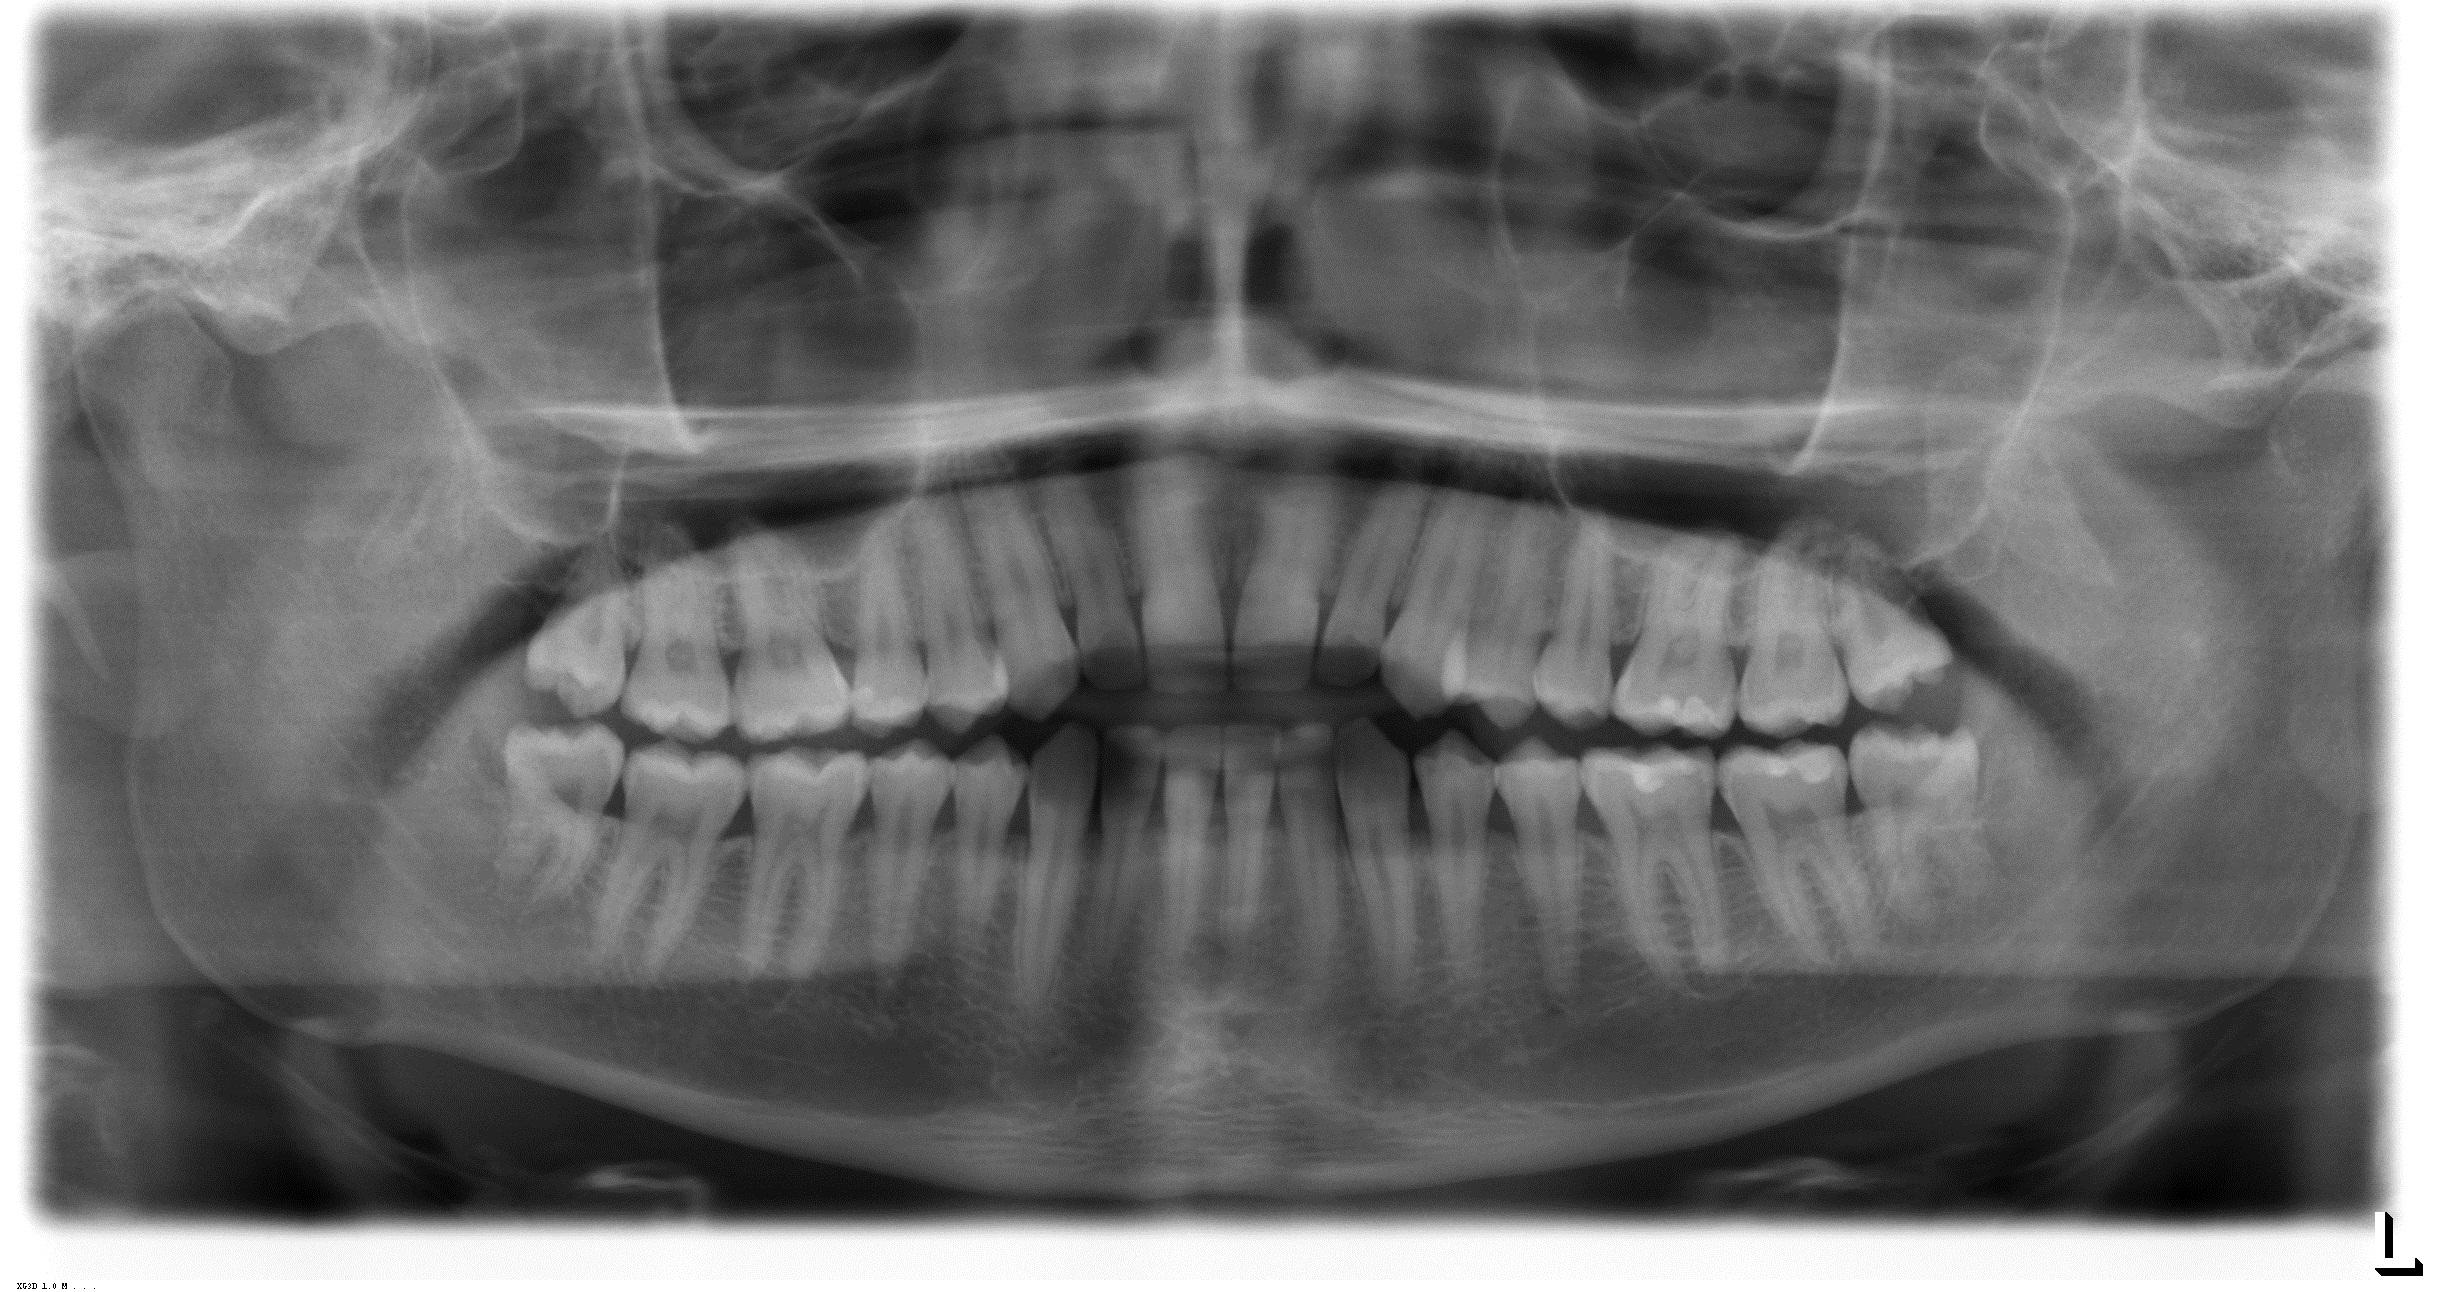 Il mio dentista mi ha detto che tutti i 4 denti del giudizio sono da estrarre